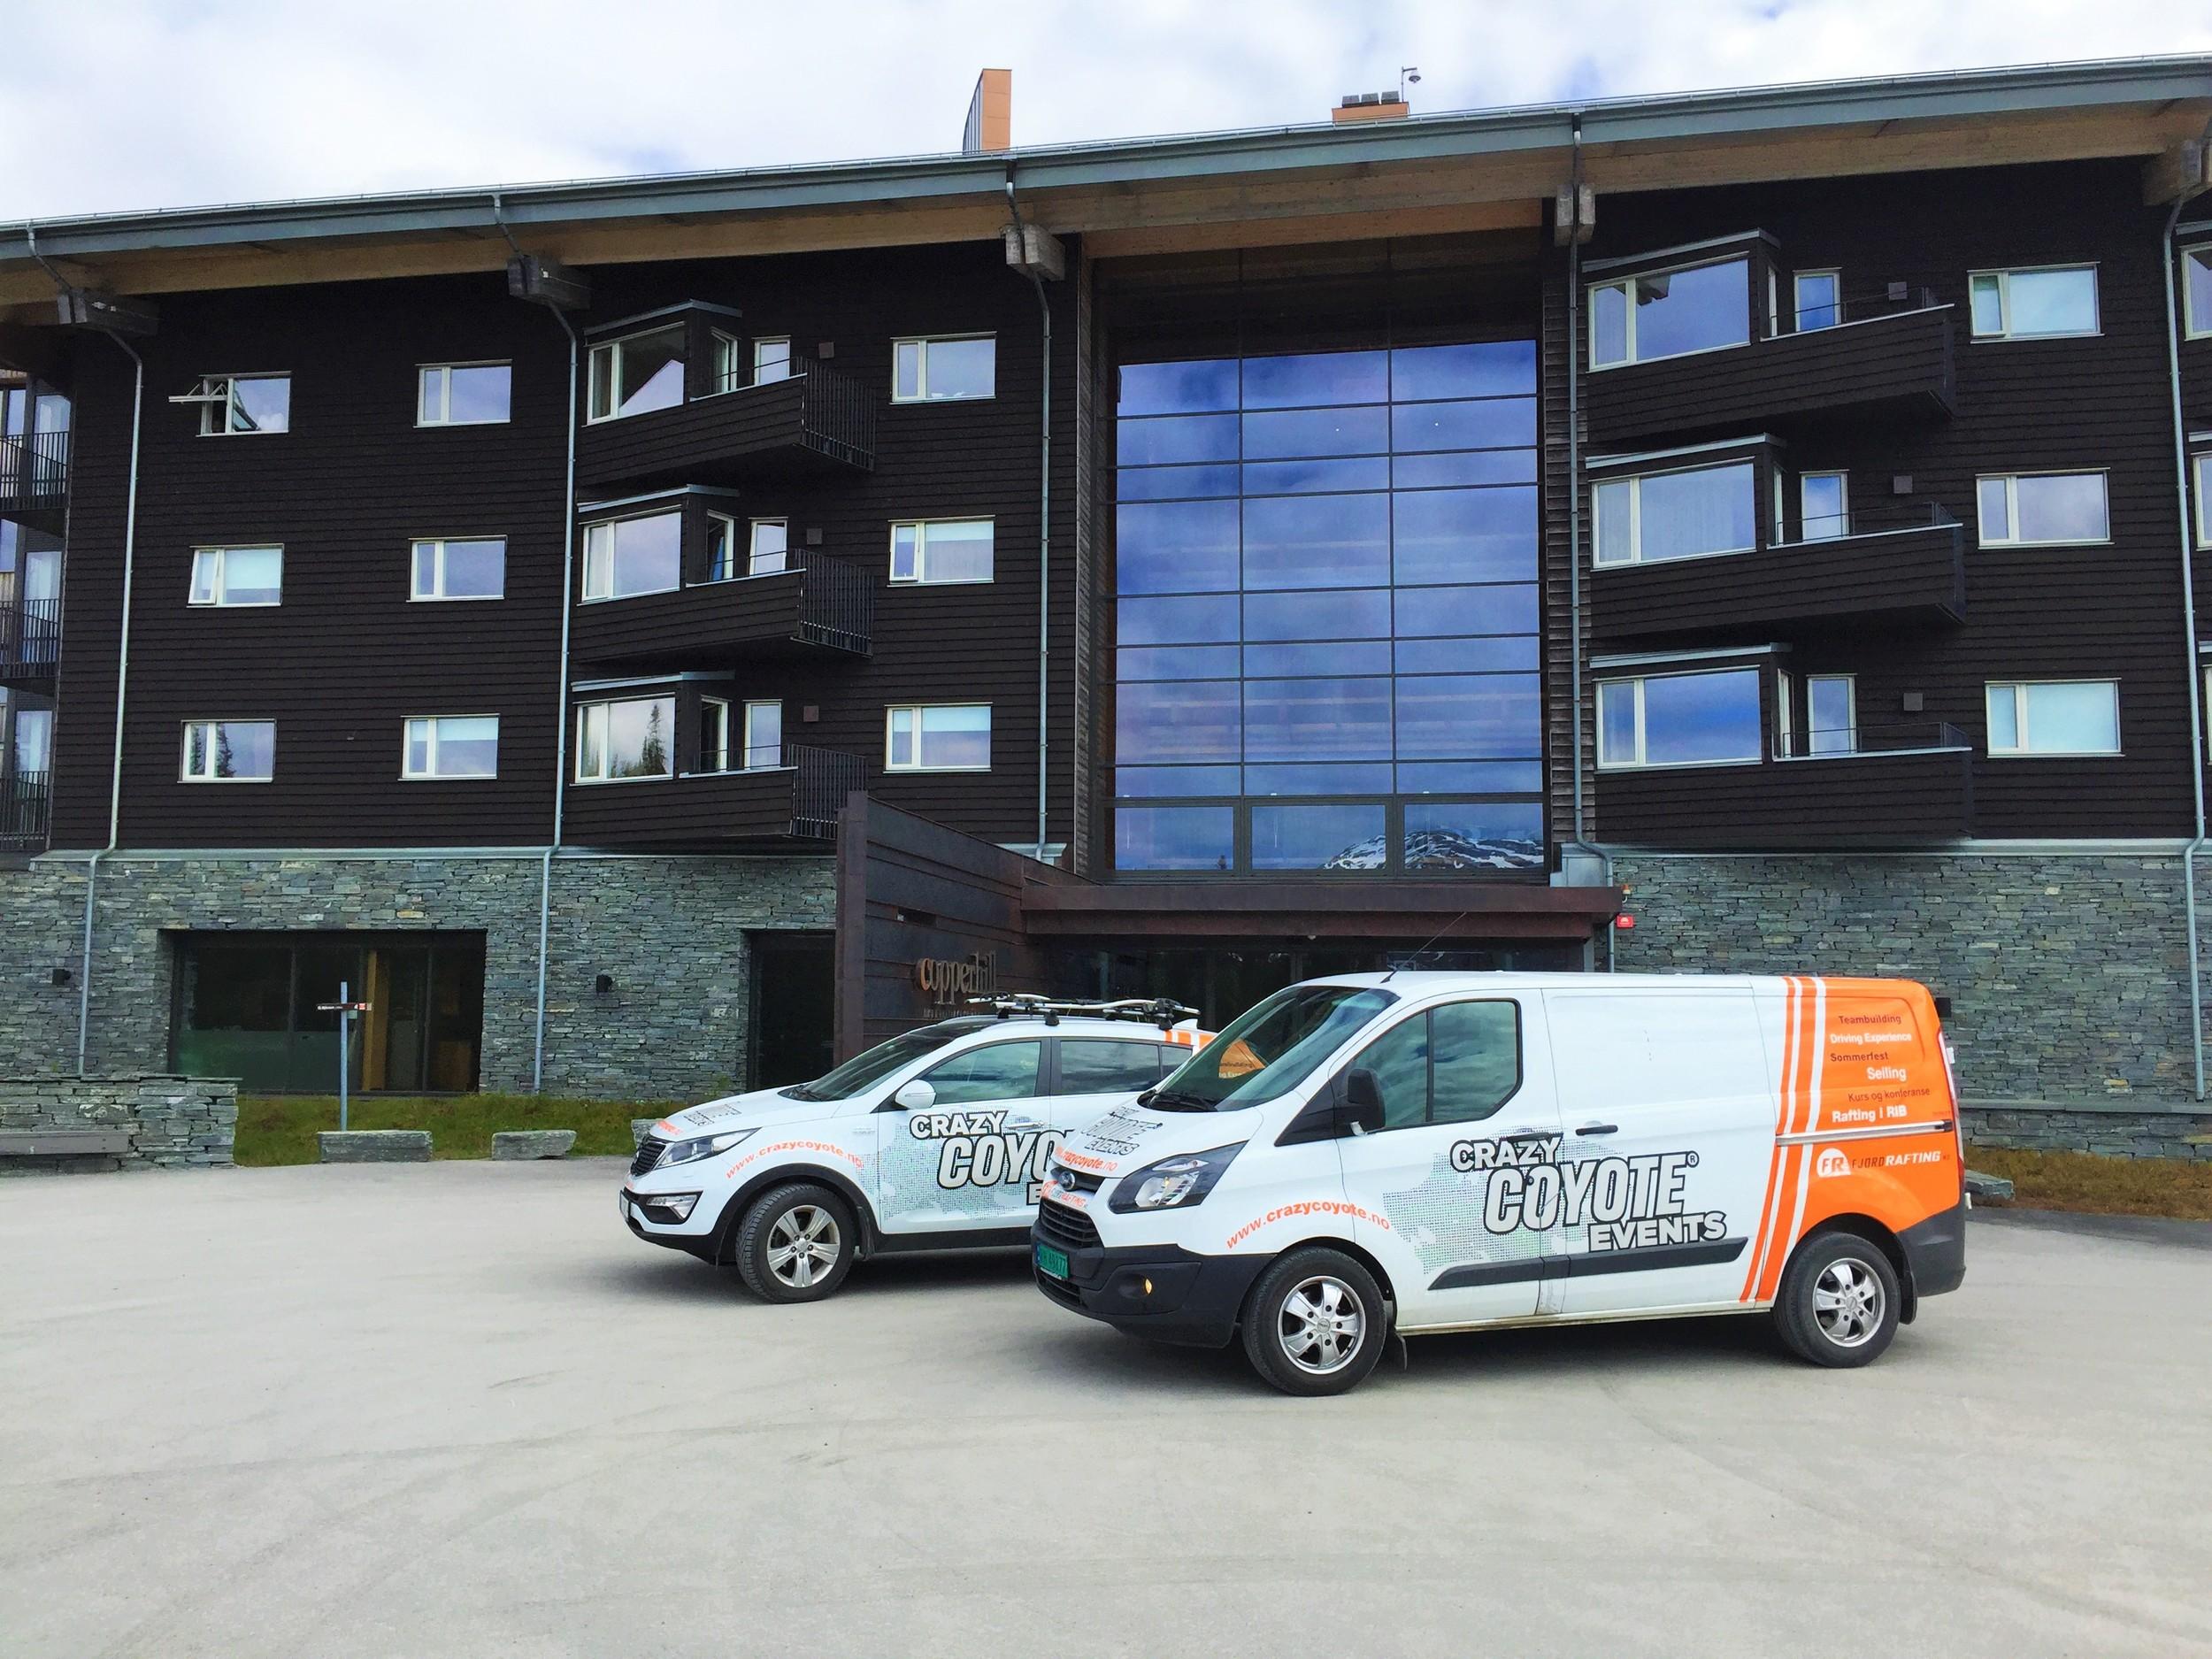 Har du vært på dette flotte hotellet?